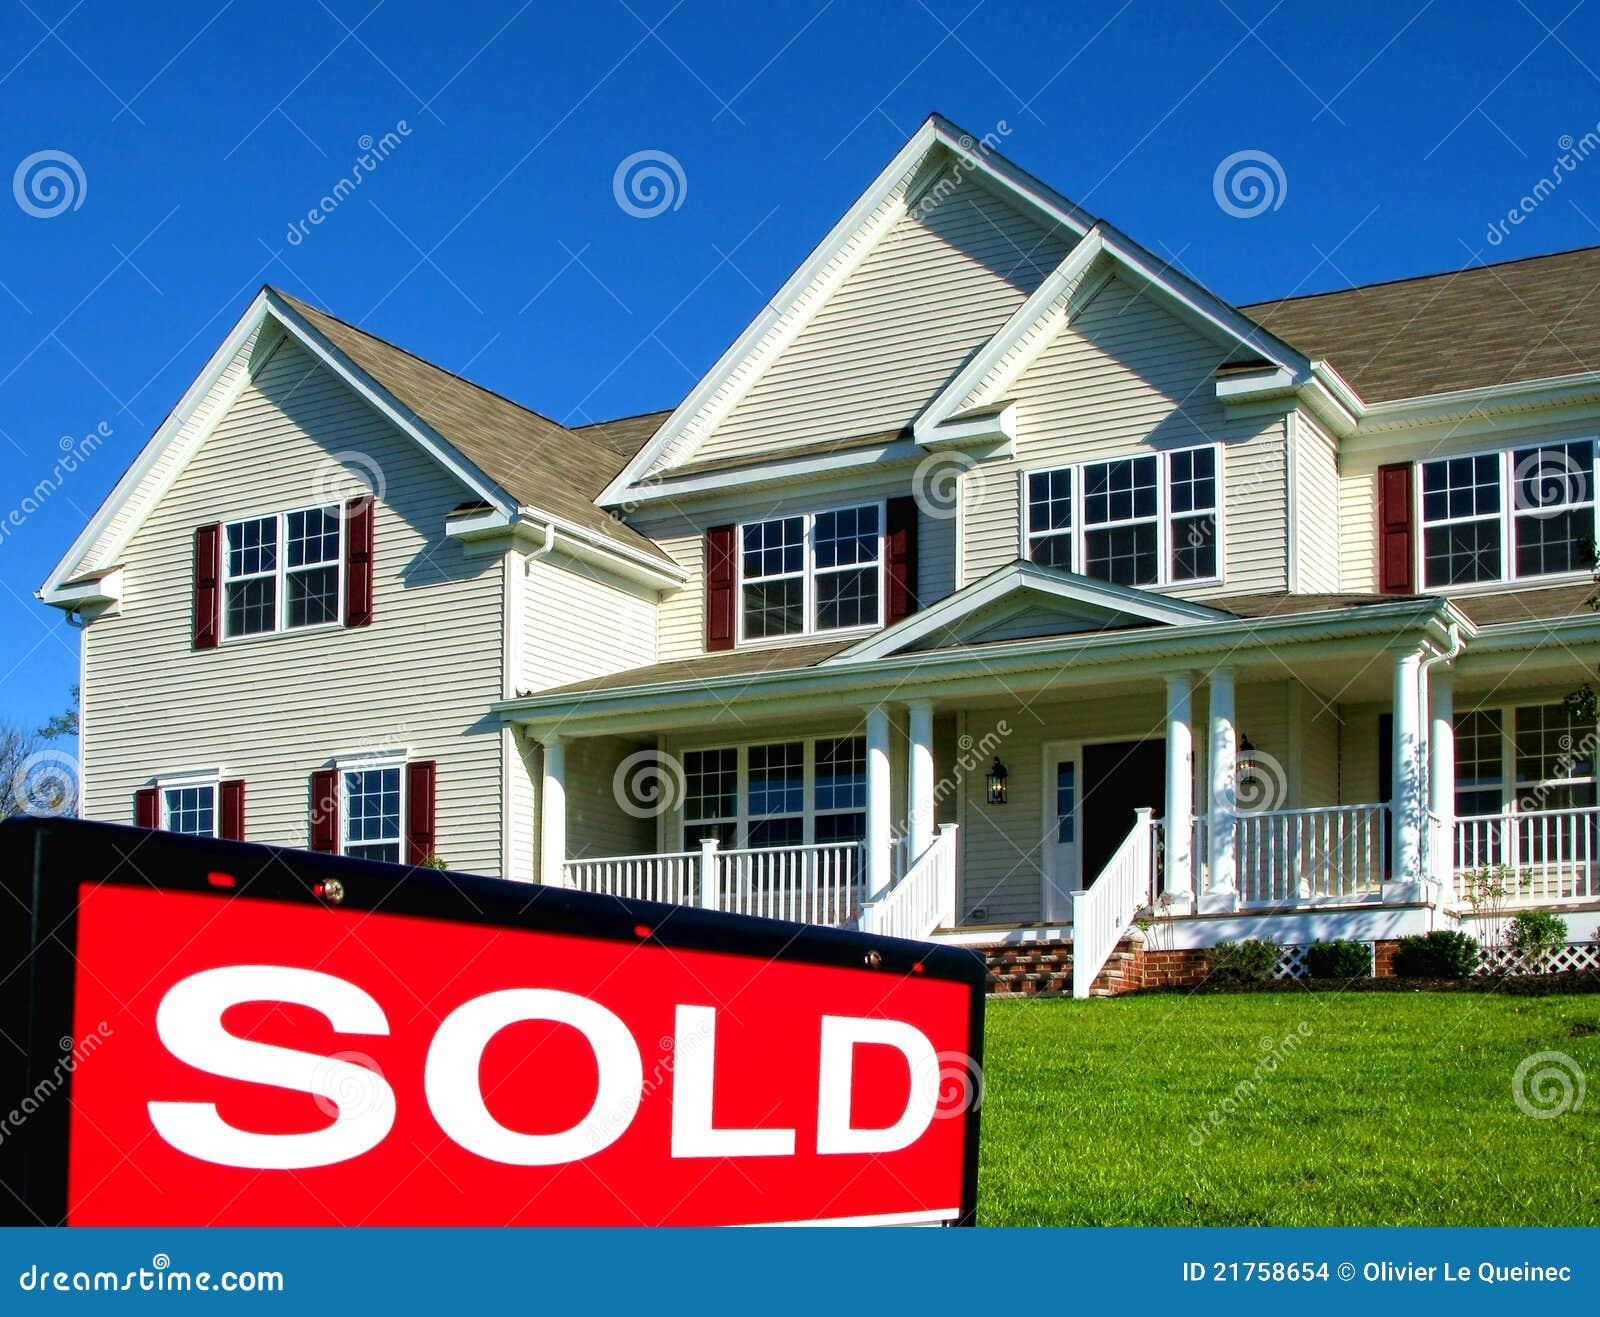 Onroerende goederen verkocht teken en huis voor verkoop stock afbeeldingen afbeelding 21758654 - Huis verkoop ...